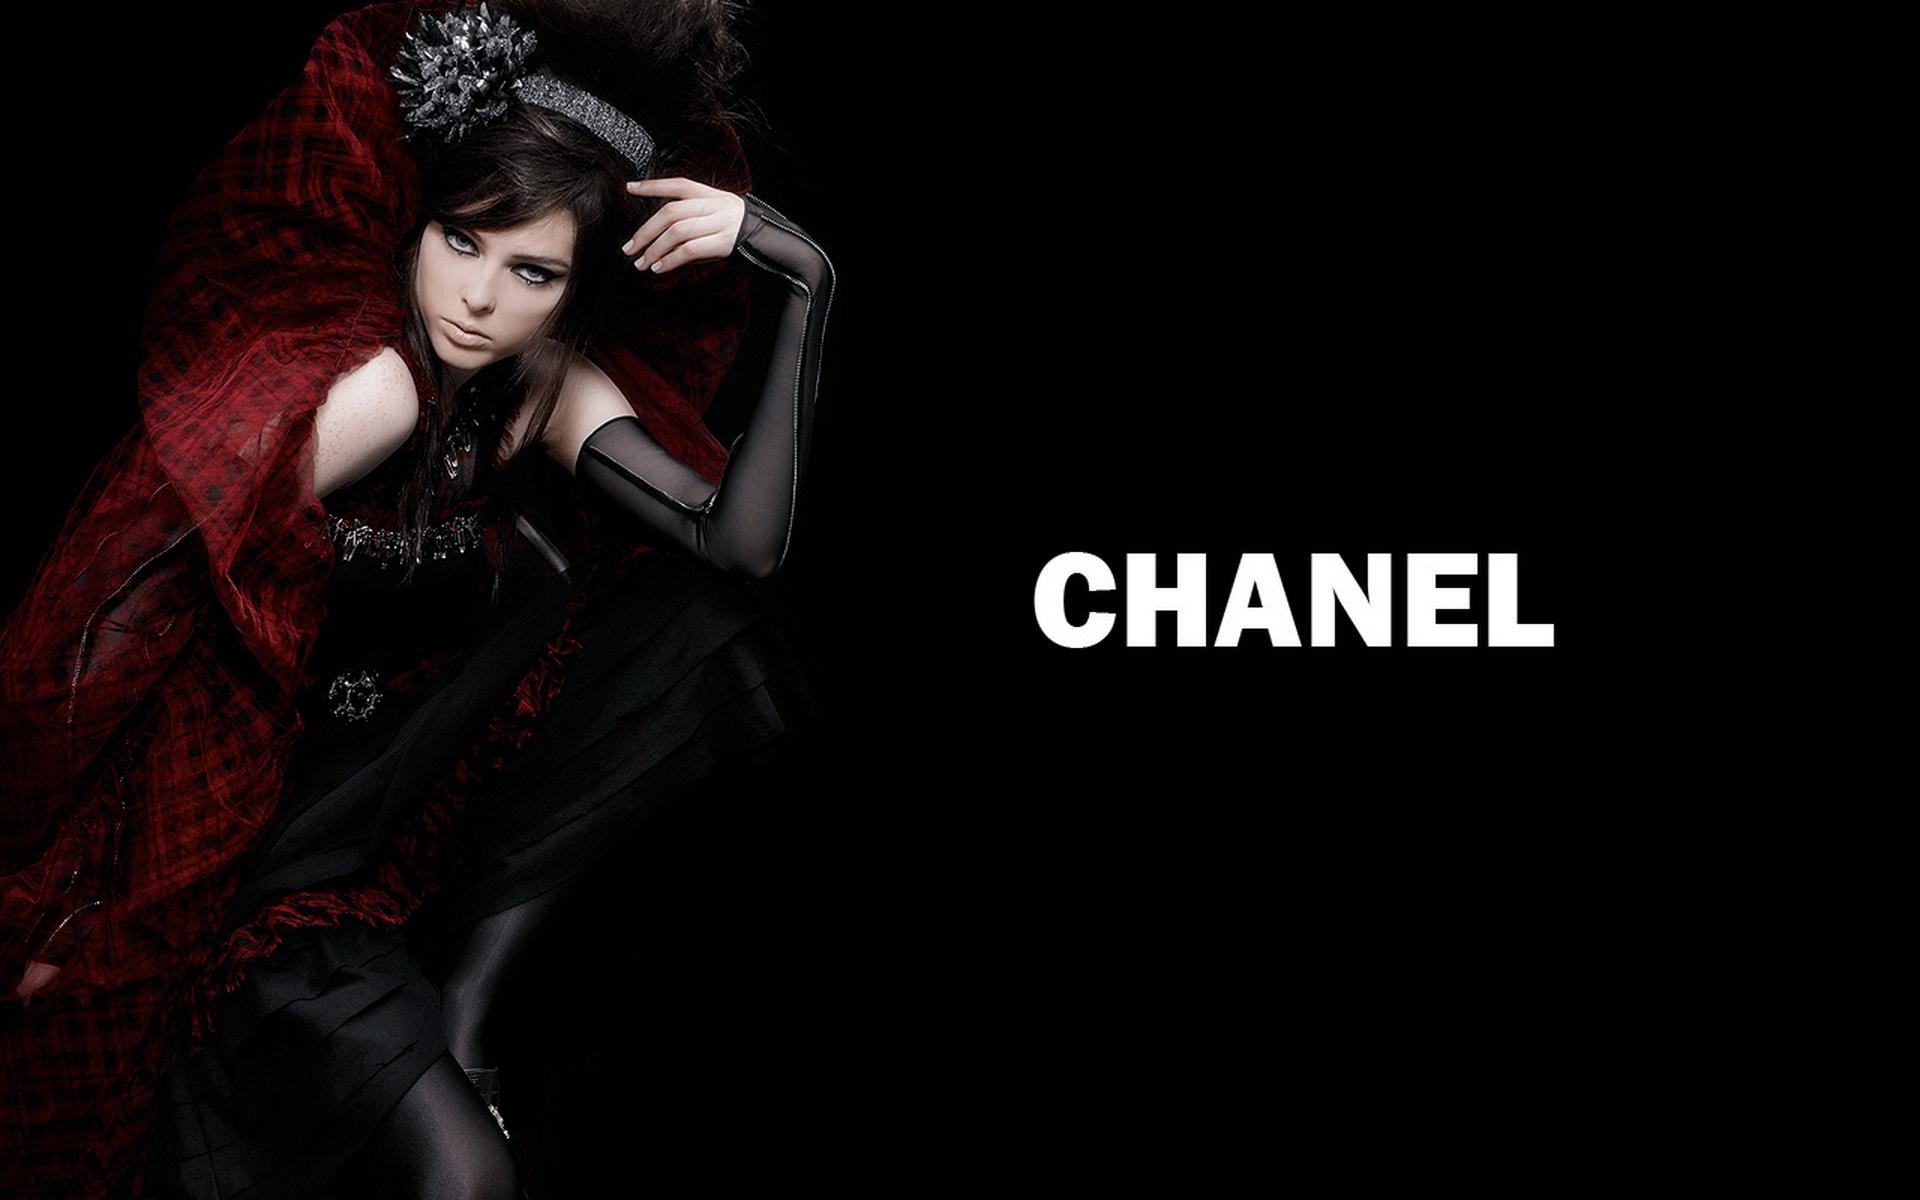 Fashion Wallpapers Chanel Pret A Porter HD 1280x800 Sexy Wallpaper 1920x1200